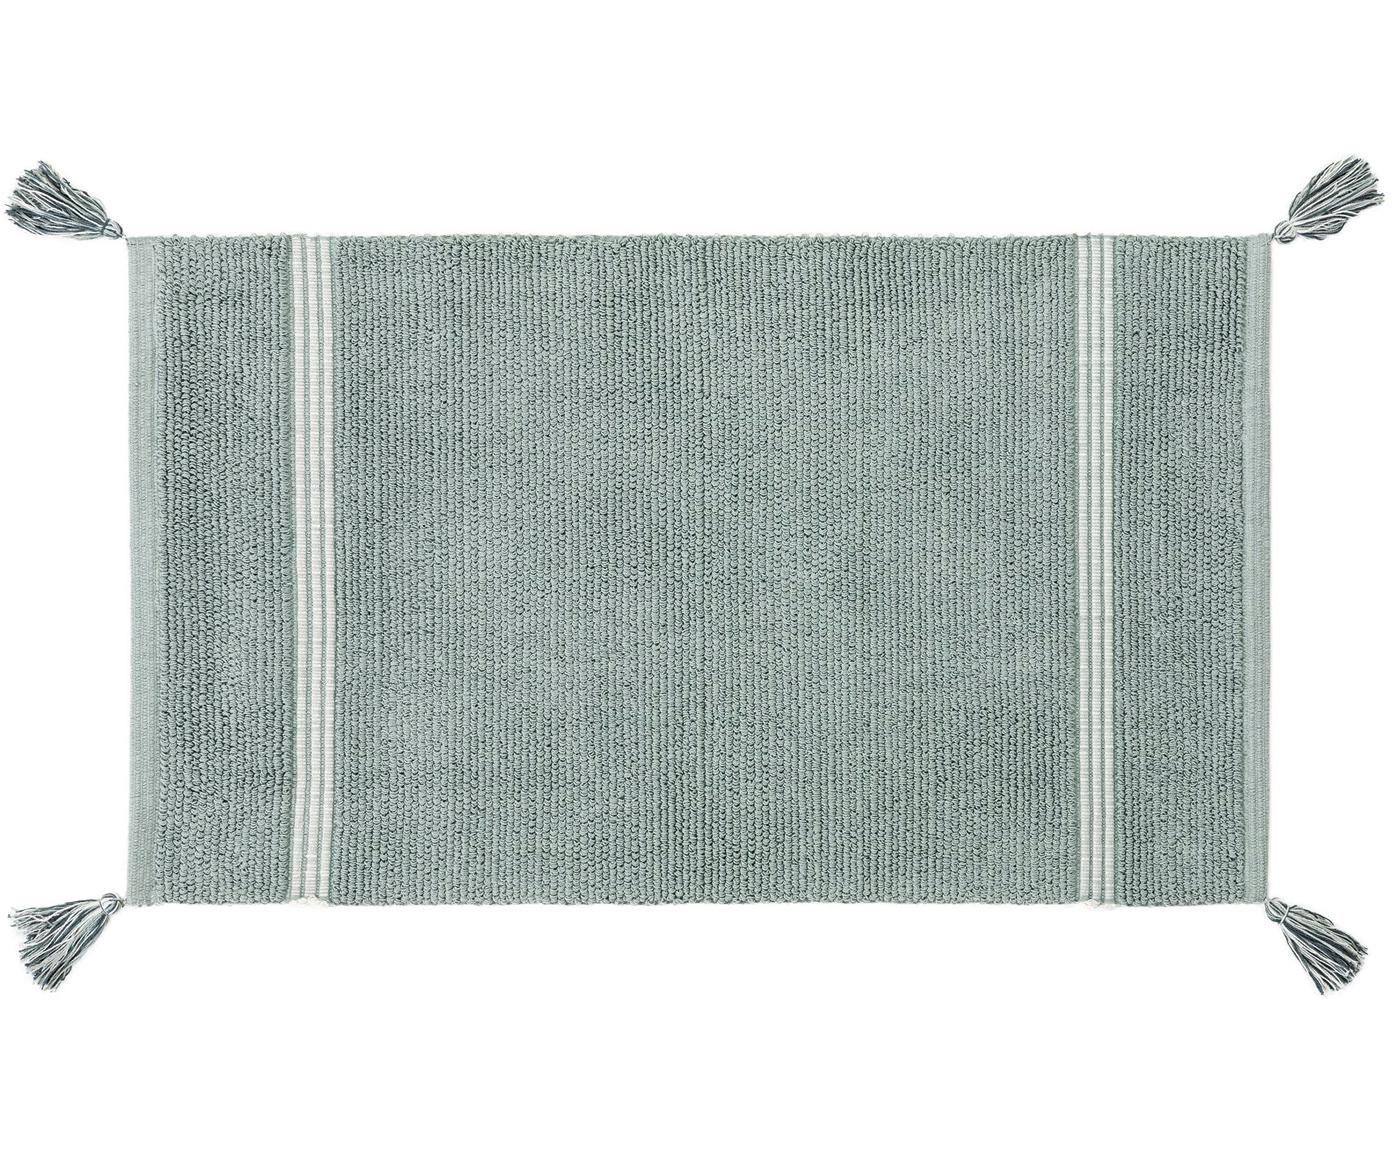 Badmat Dust met kwastjes, Katoen, Mintgroen, 50 x 80 cm